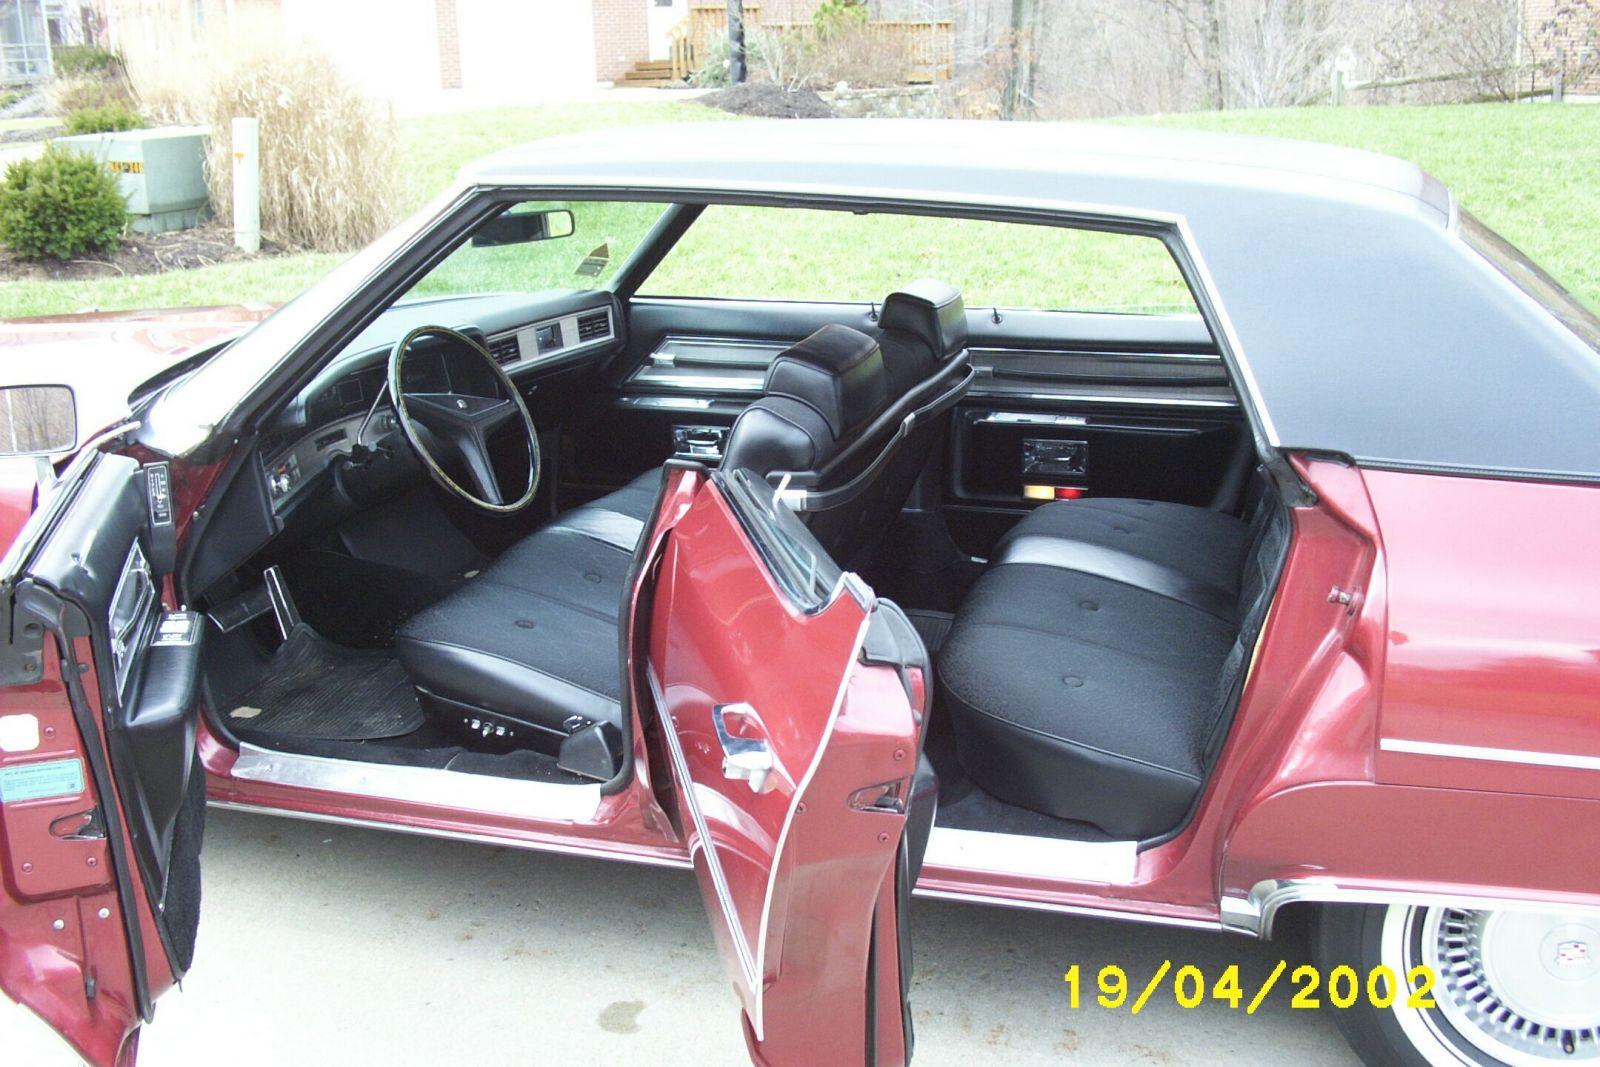 Cadillac Lasalle Antique Automobile Club Of America Discussion 1978 Deville Interior 1971 Sedan